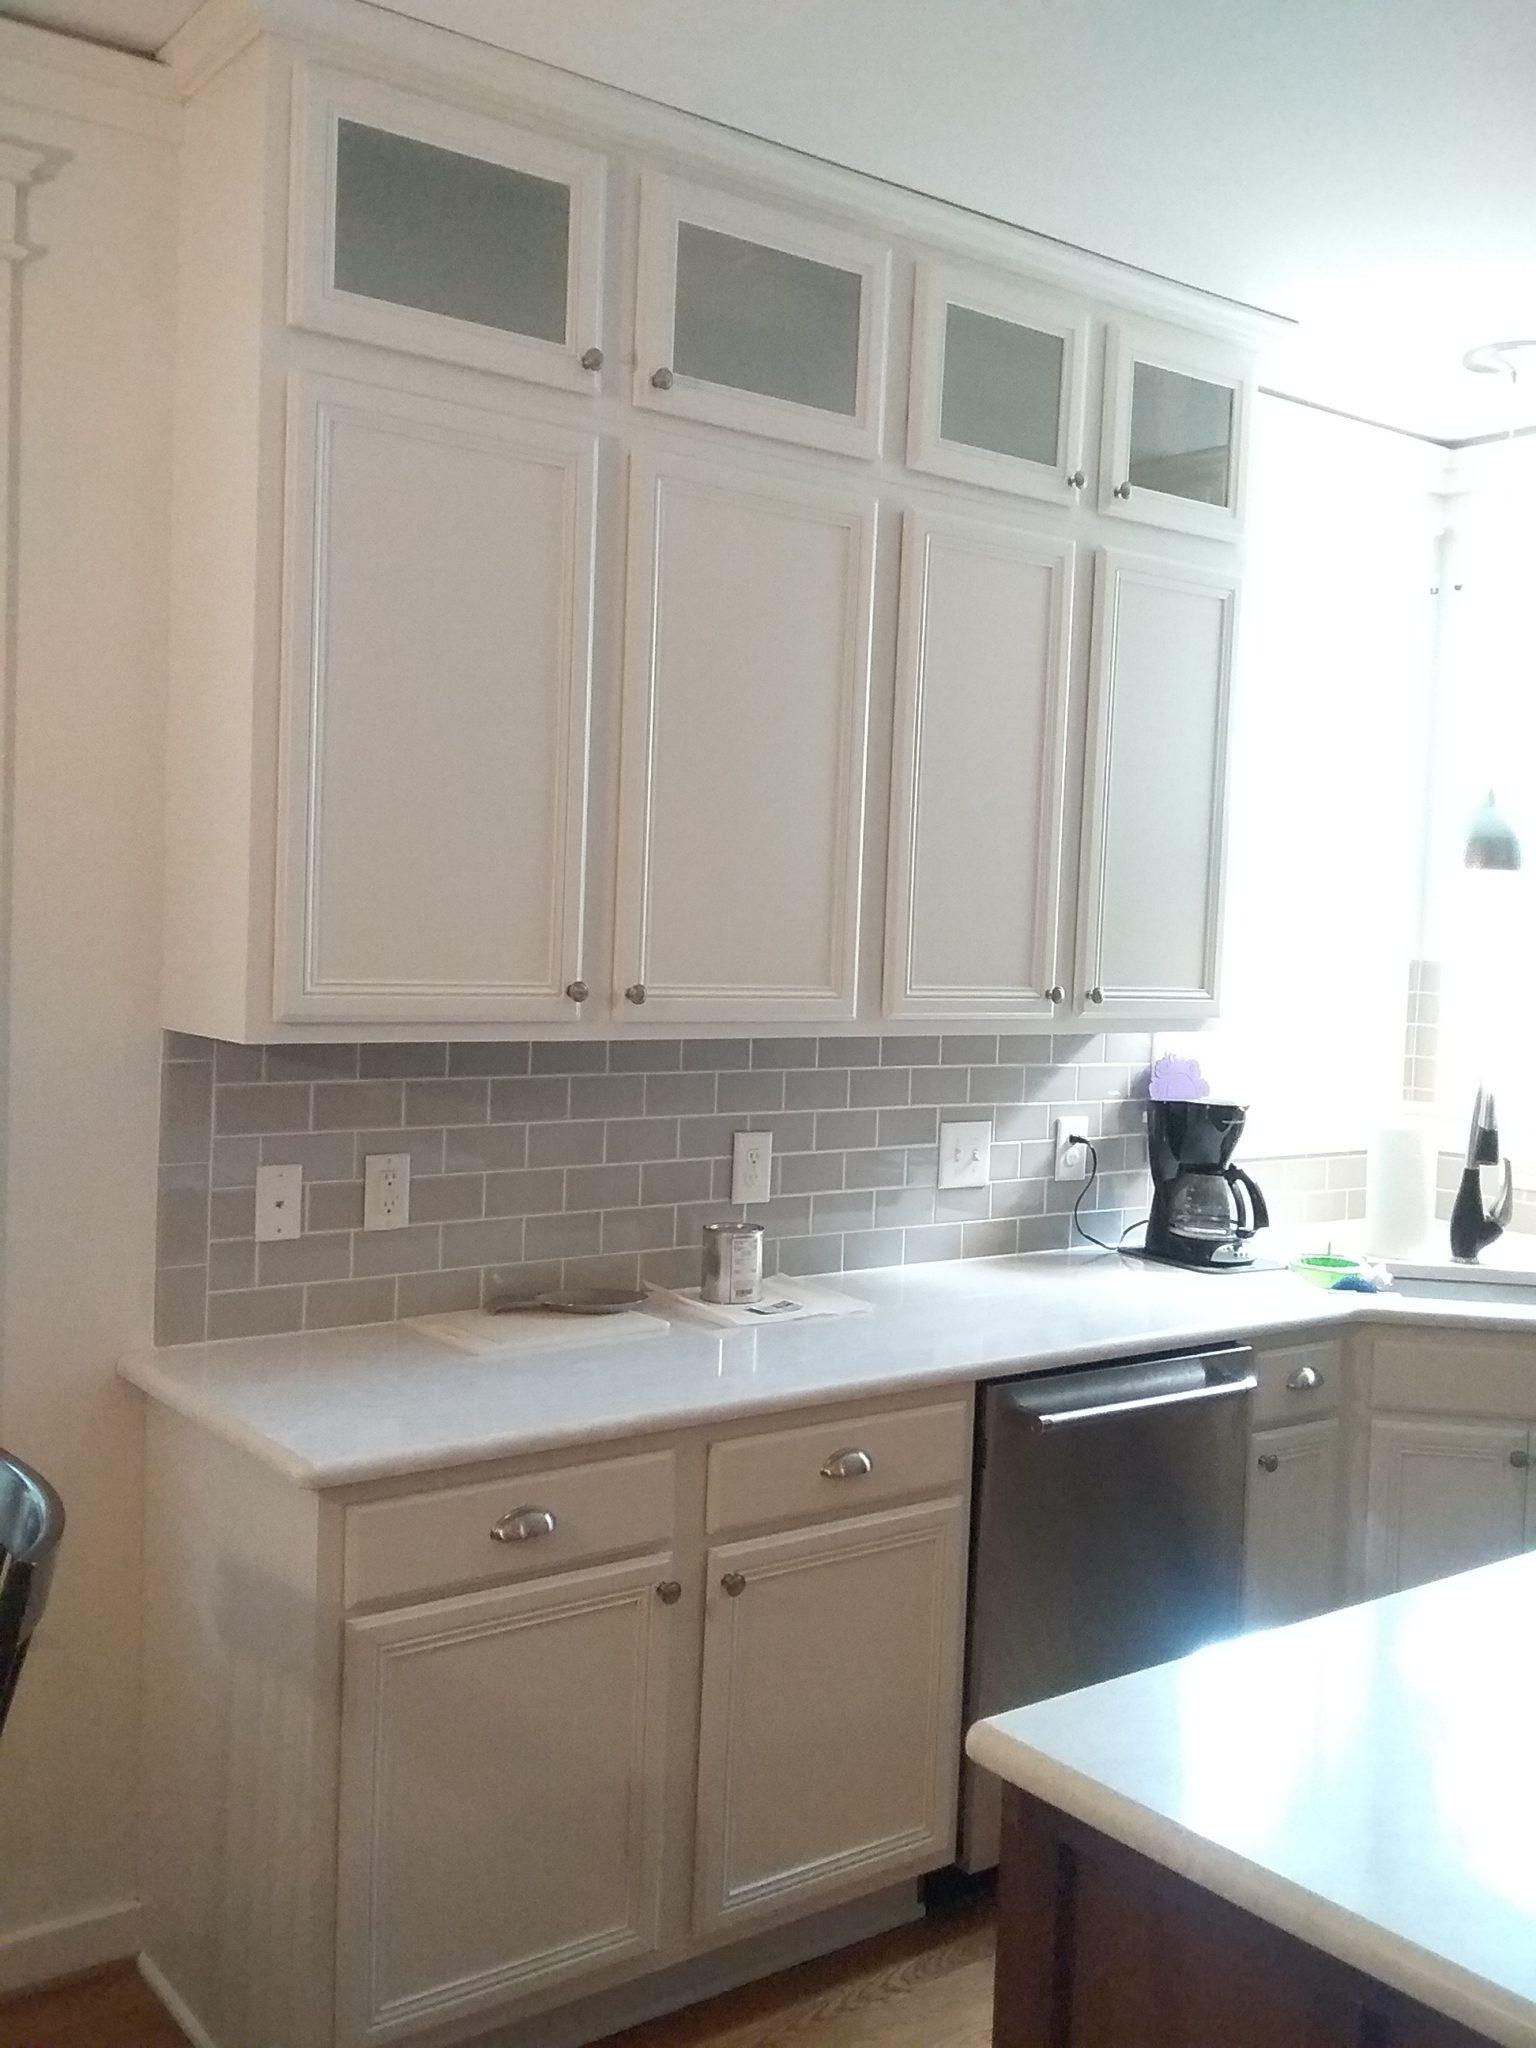 Alabaster Kitchen - 2 Cabinet Girls